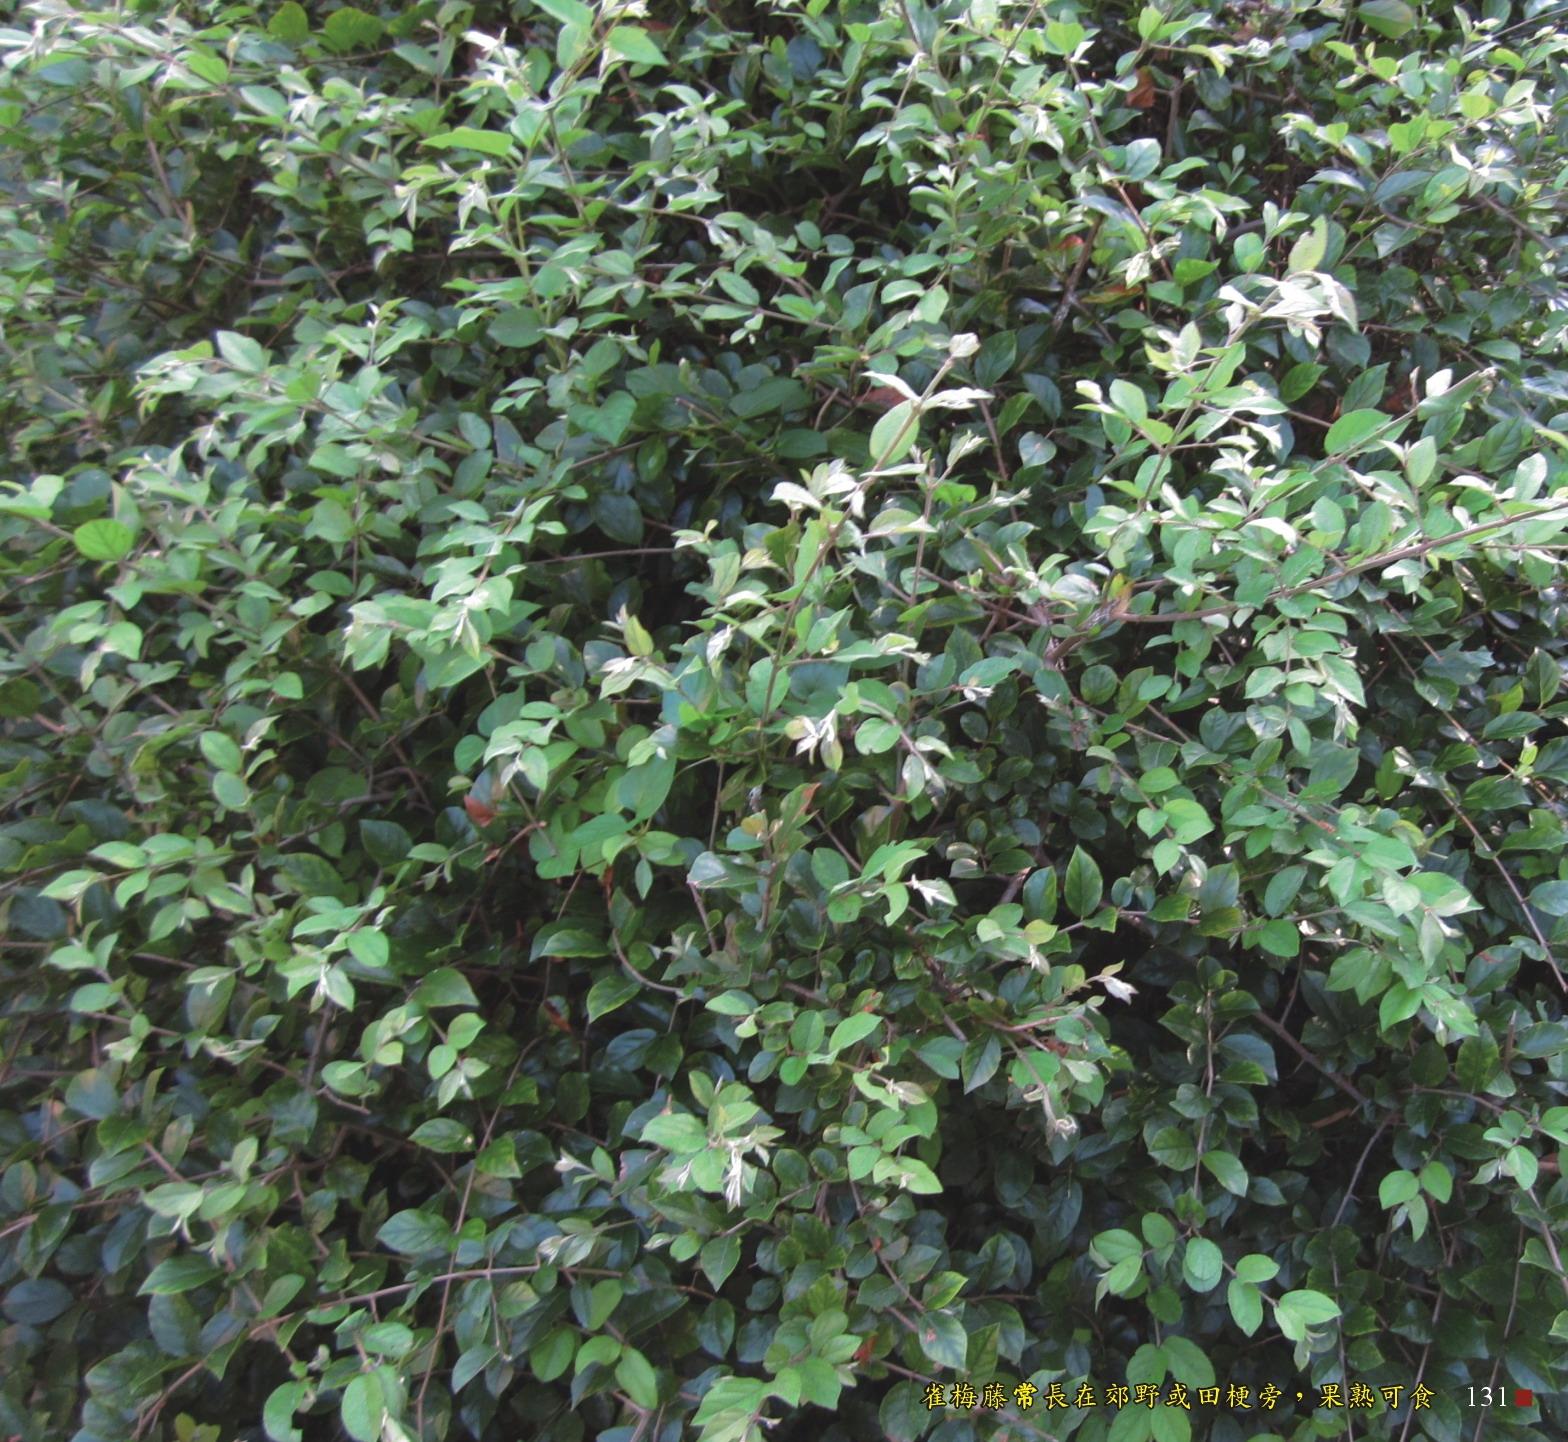 雀梅藤常長在郊野或田梗旁,果熟可吃